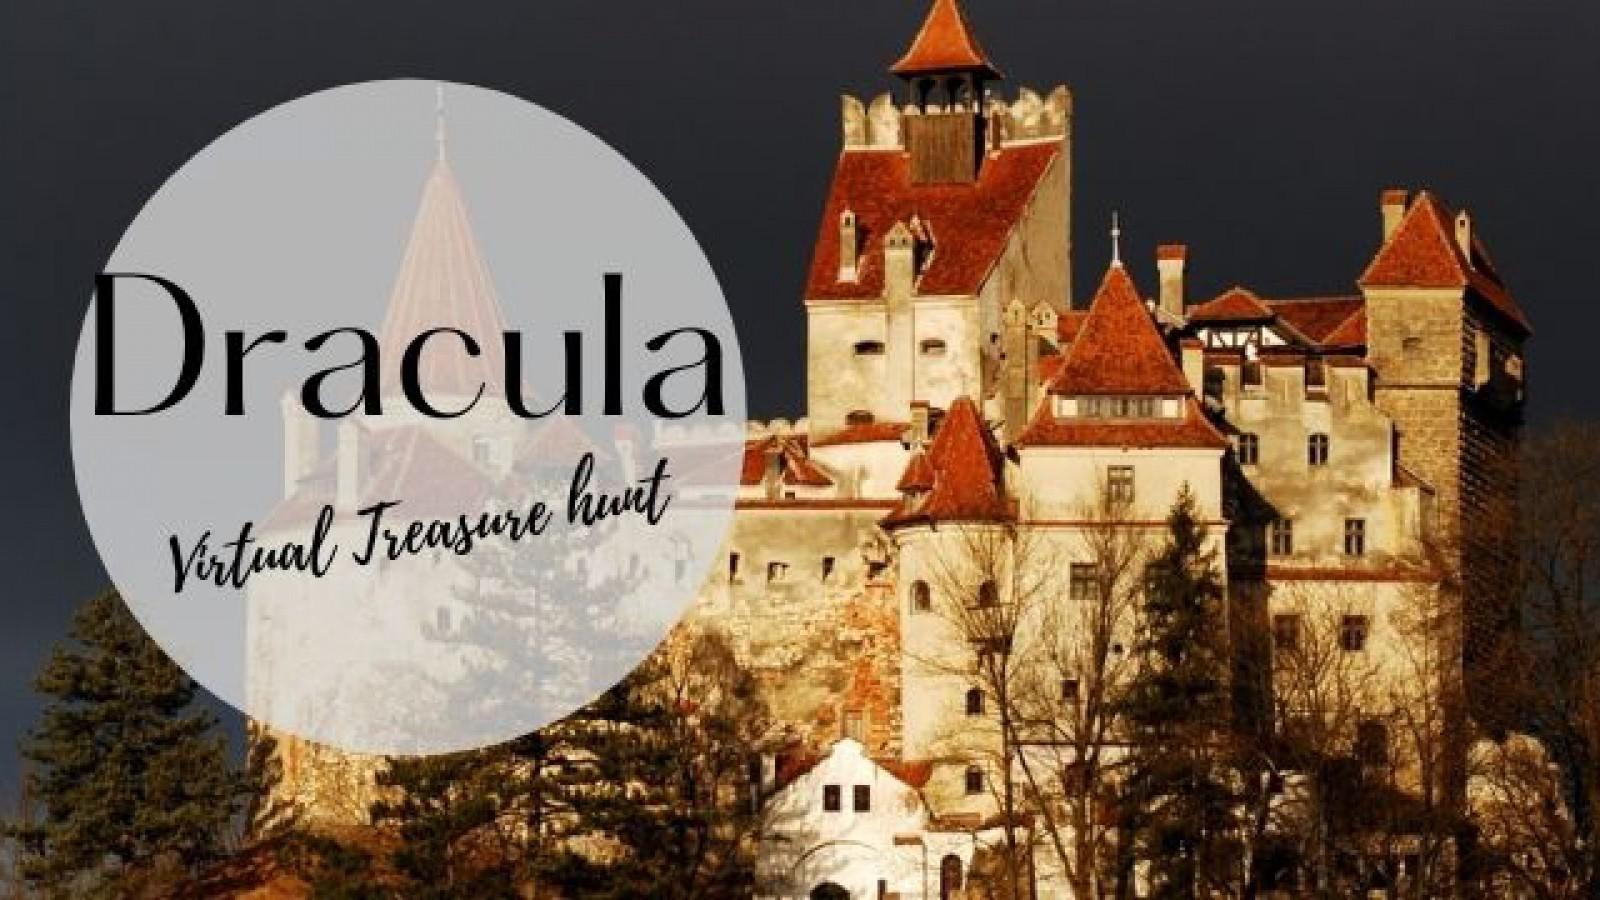 Dracula online escape room